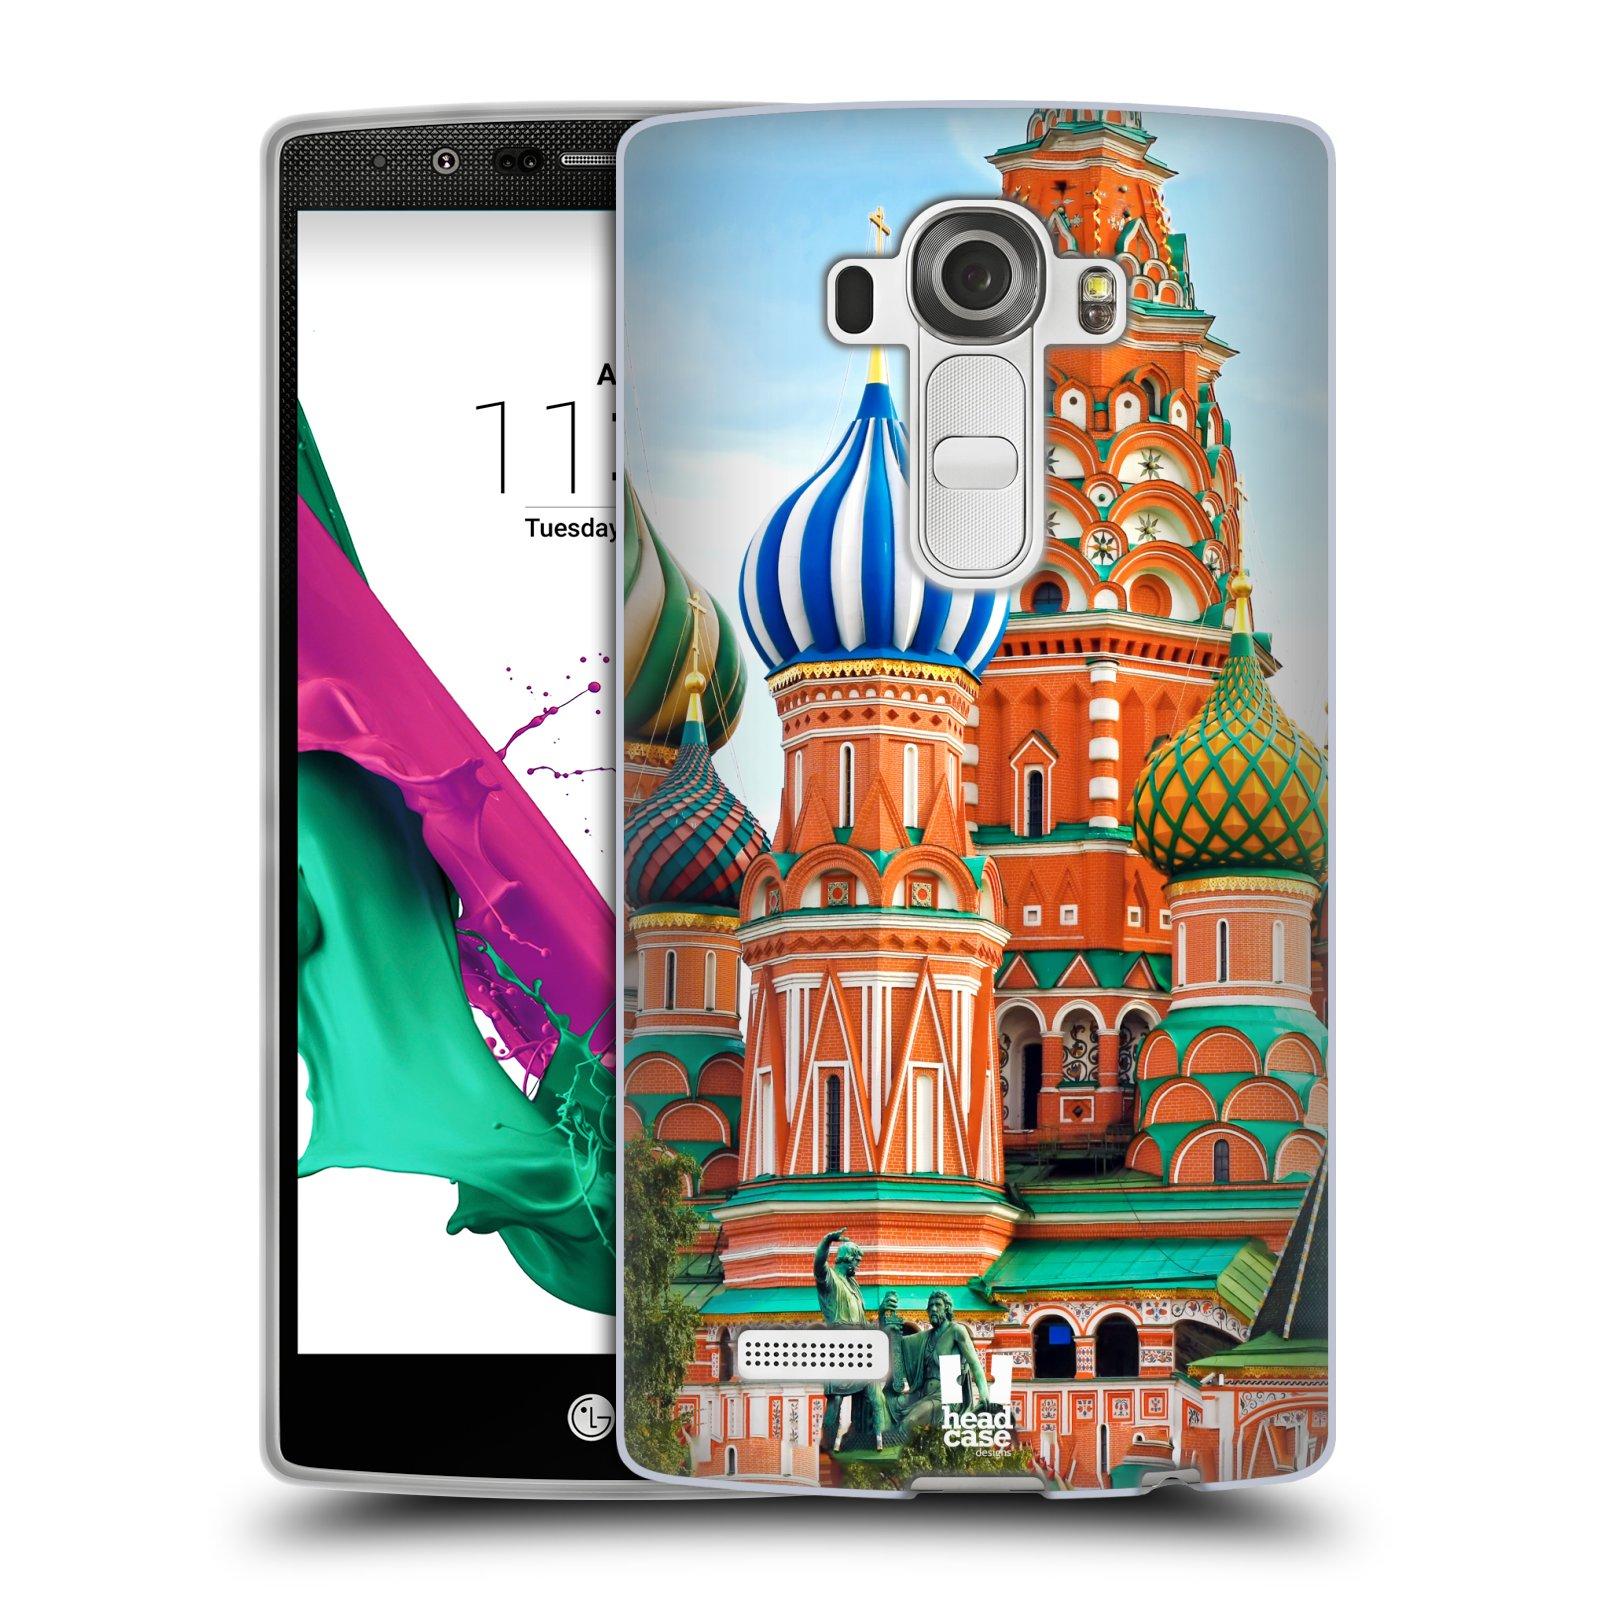 HEAD CASE silikonový obal na mobil LG G4 vzor Města foto náměstí RUSKO,MOSKVA, RUDÉ NÁMĚSTÍ